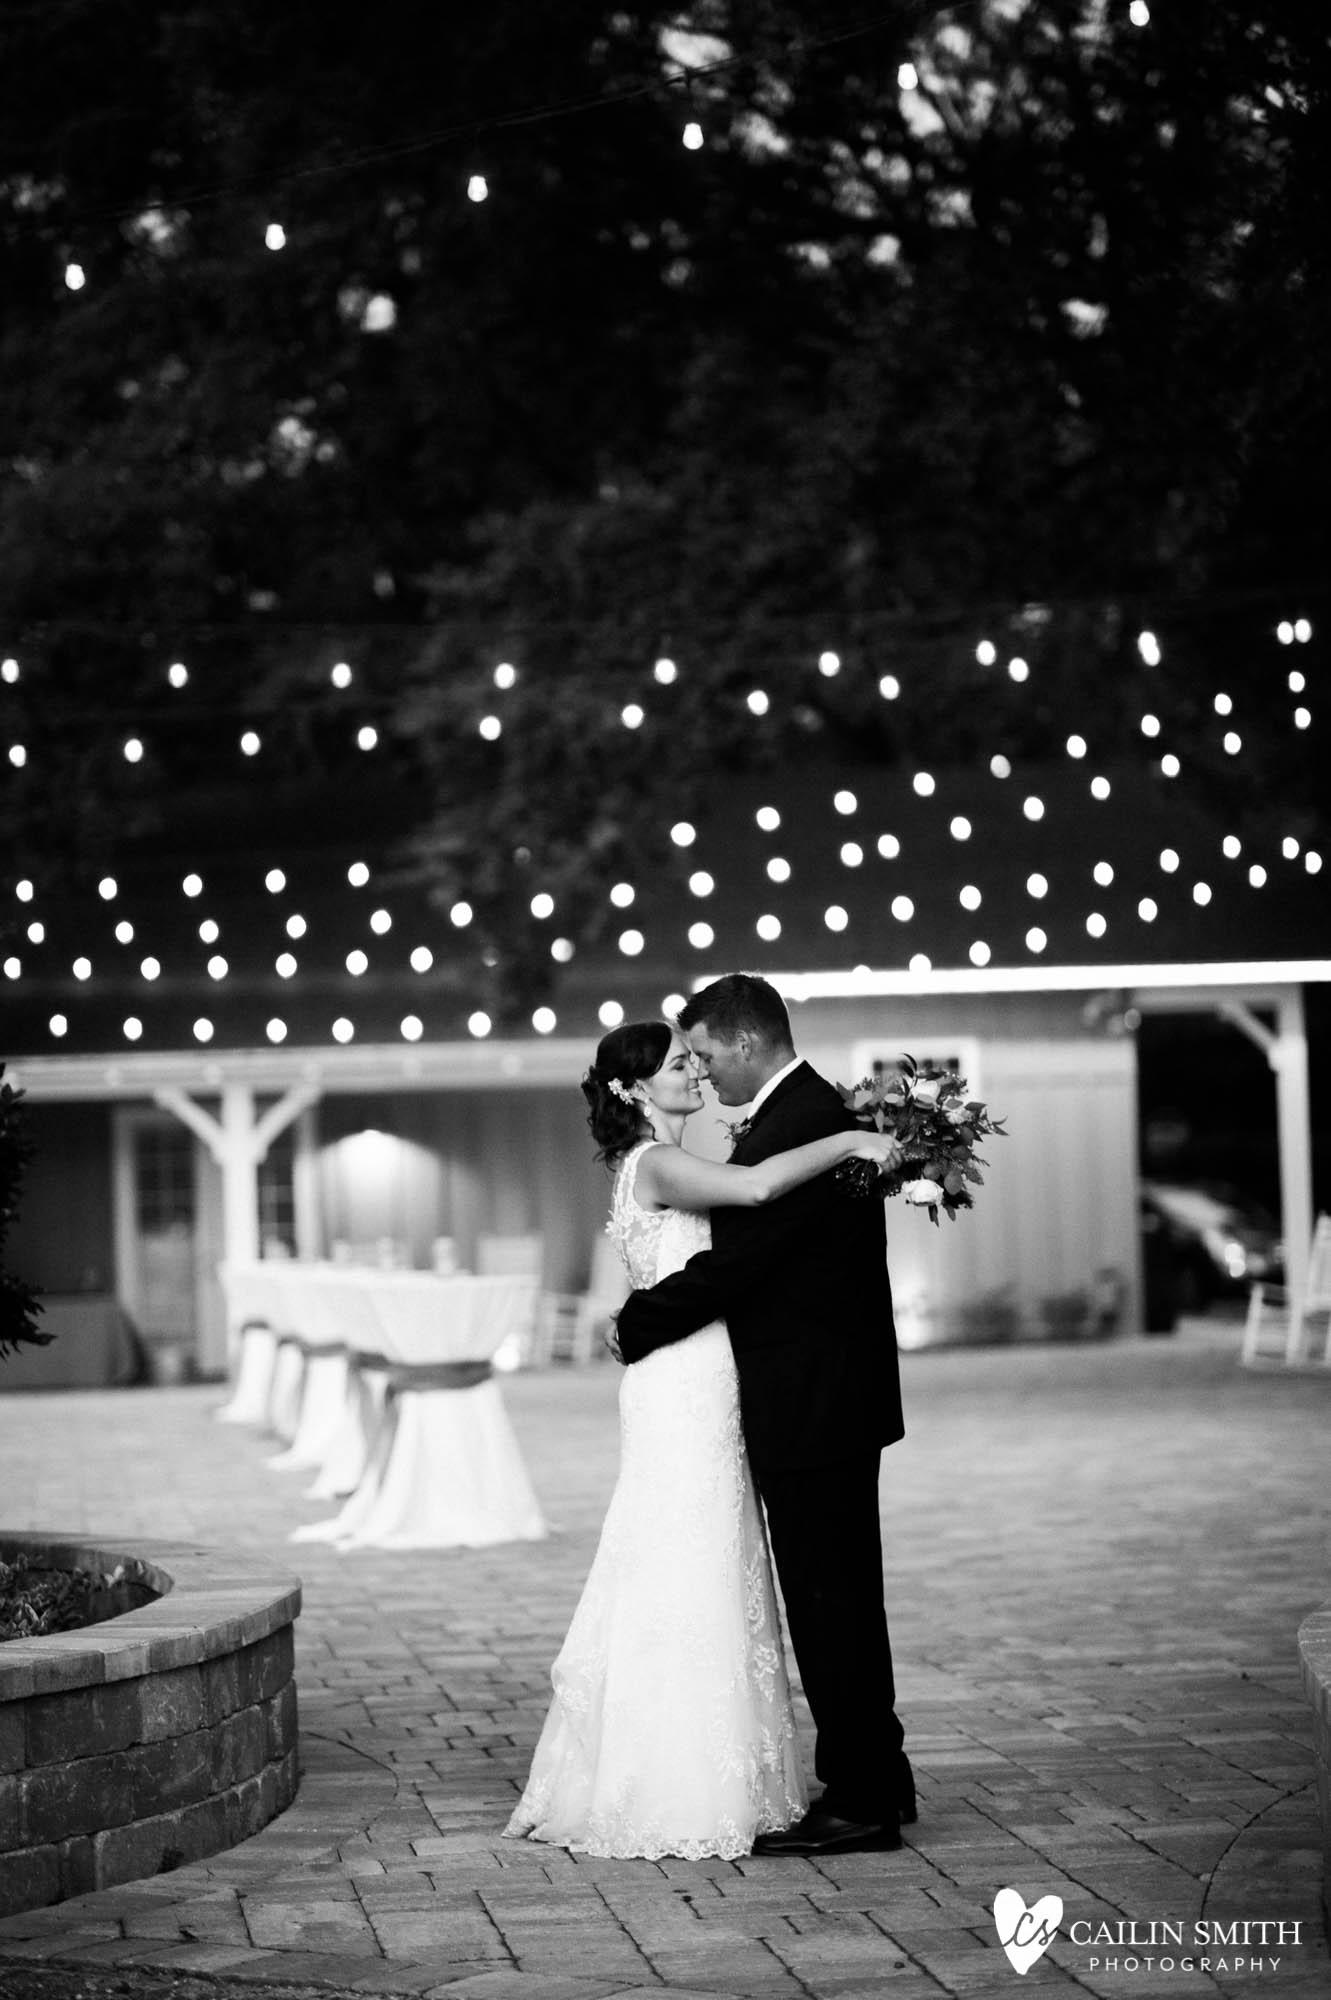 Bethany_Kyle_Bowing_Oaks_Plantation_Wedding_Photography_0088.jpg